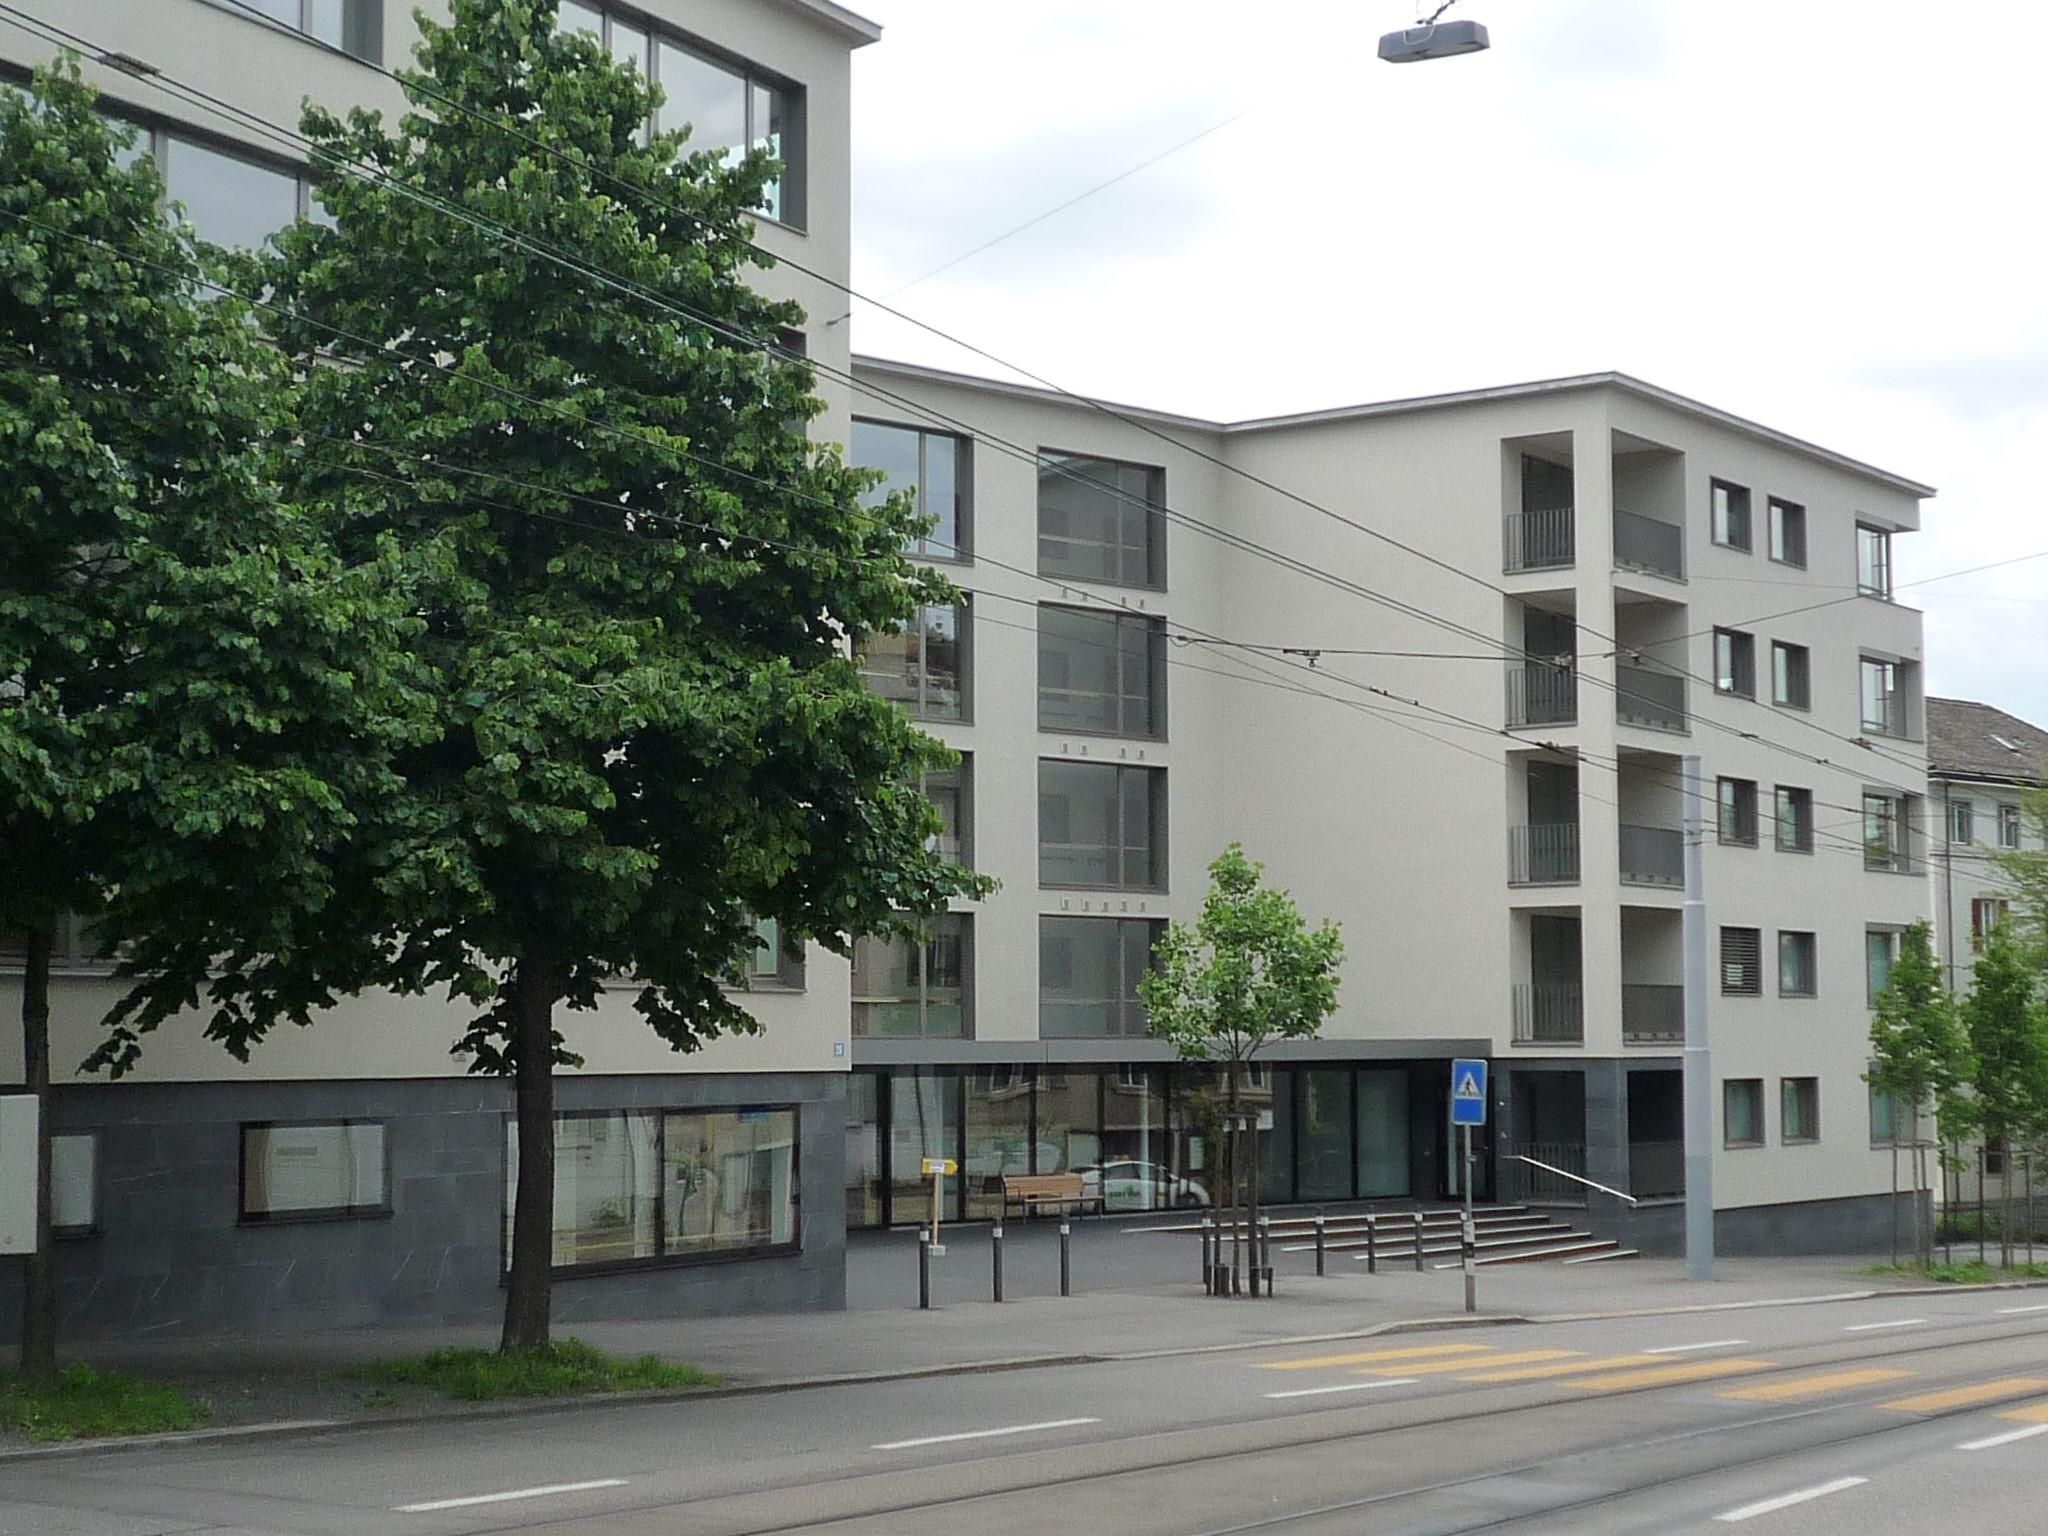 Neubau Schulthesspark, Alterszentrum Hottingen, Zürich